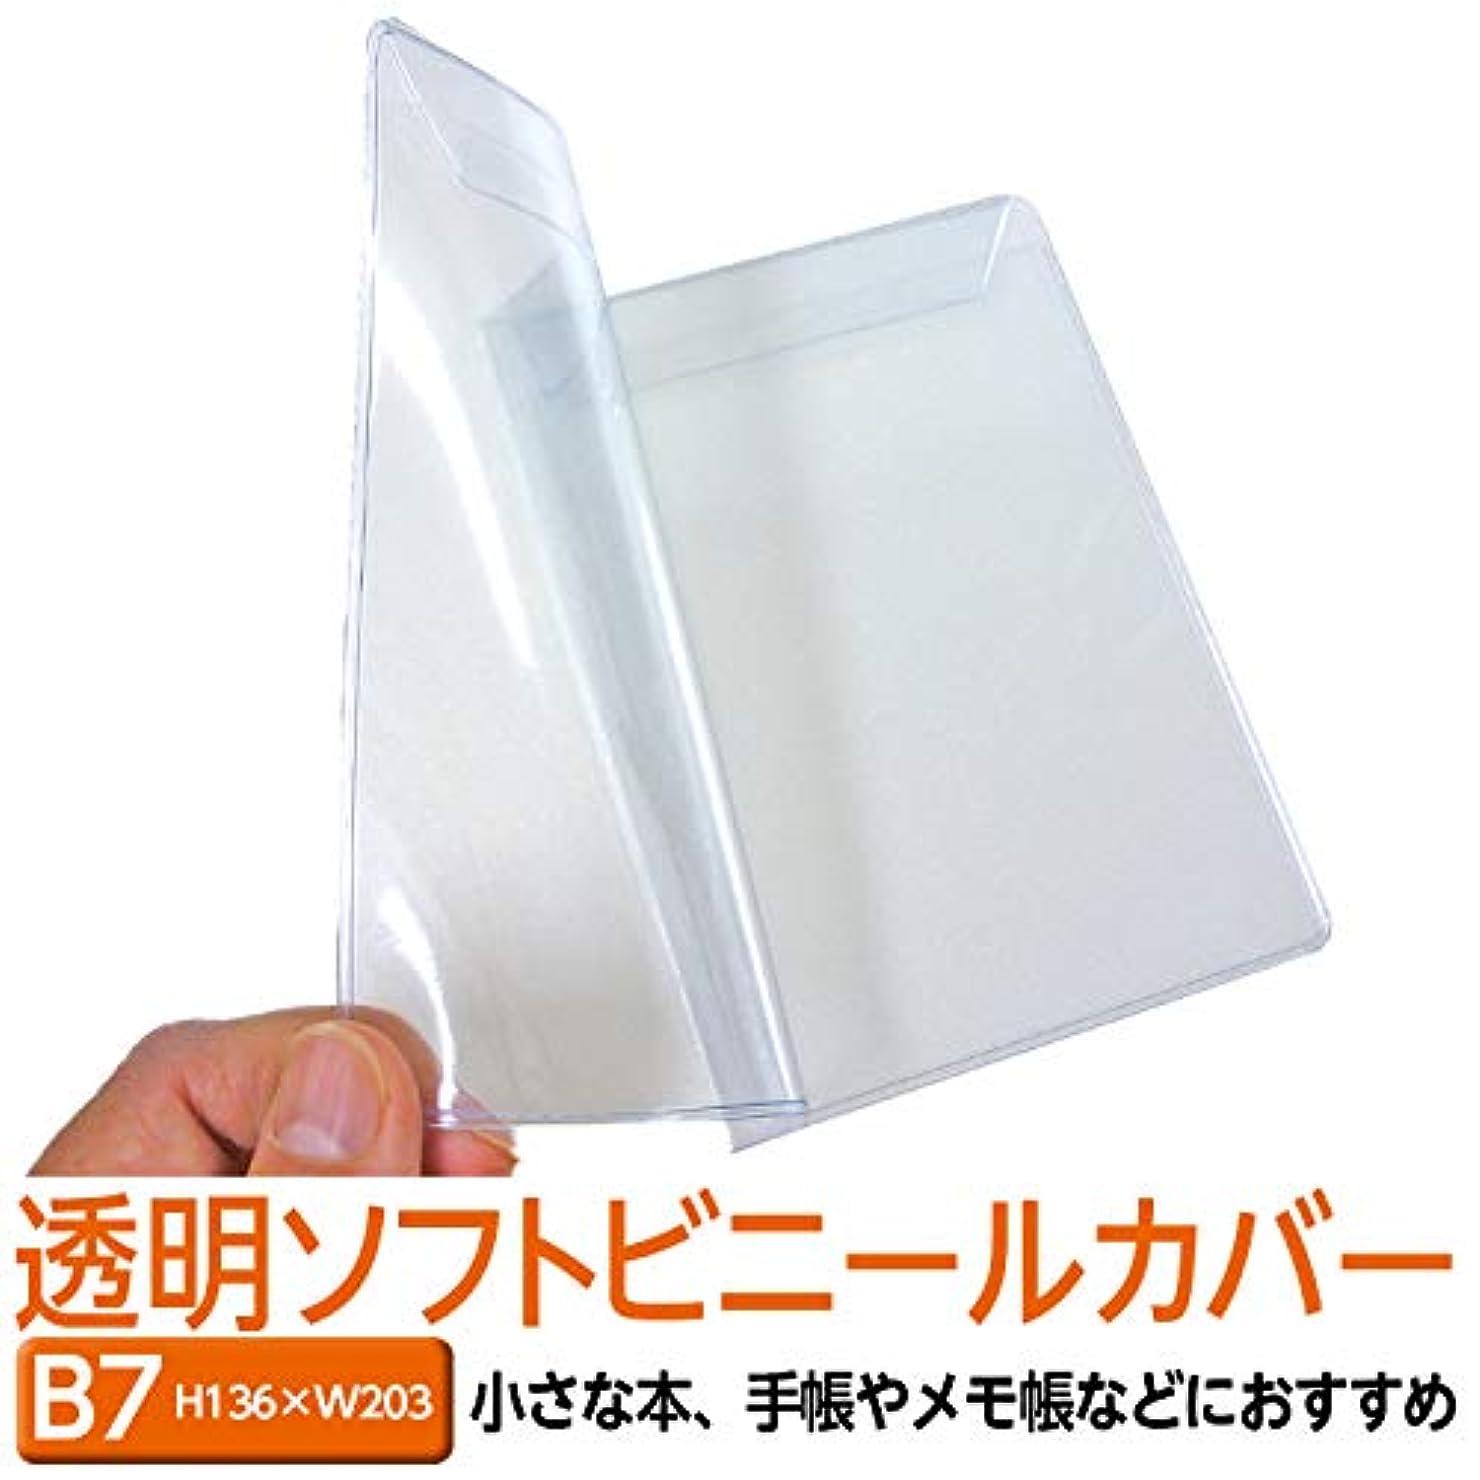 ケージ予備相談する(4546-9004)透明ビニールカバー [ソフト] B7サイズ 本用ビニールカバー 1枚入り ソフトカバー 本カバー ファイルカバー クリアカバー ブック&カードホルダー